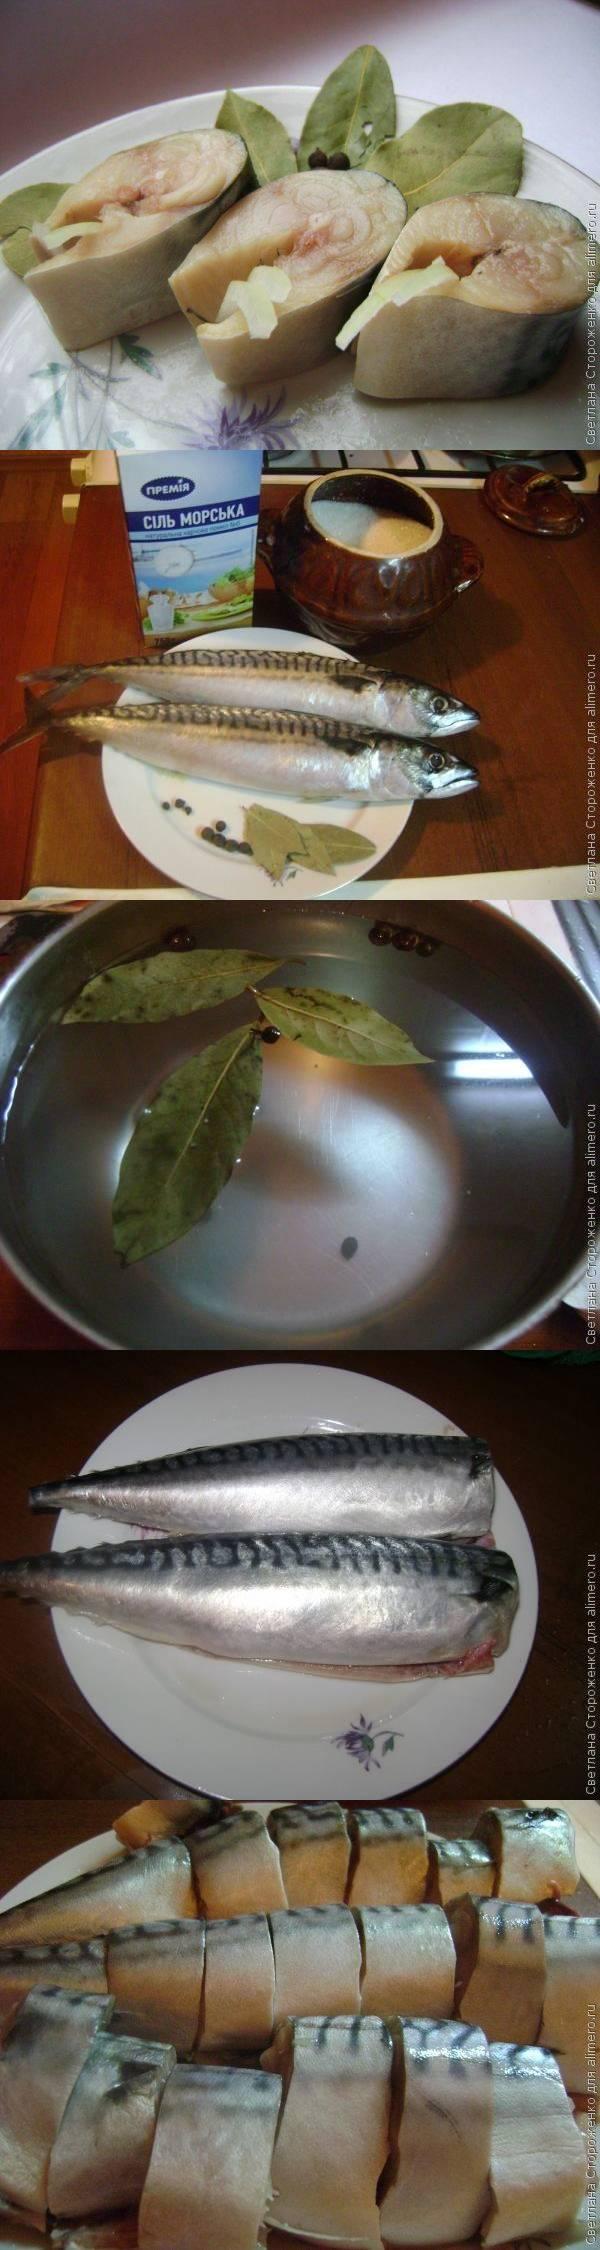 Фото рецепт приготовления скумбрии соленой в домашних условиях